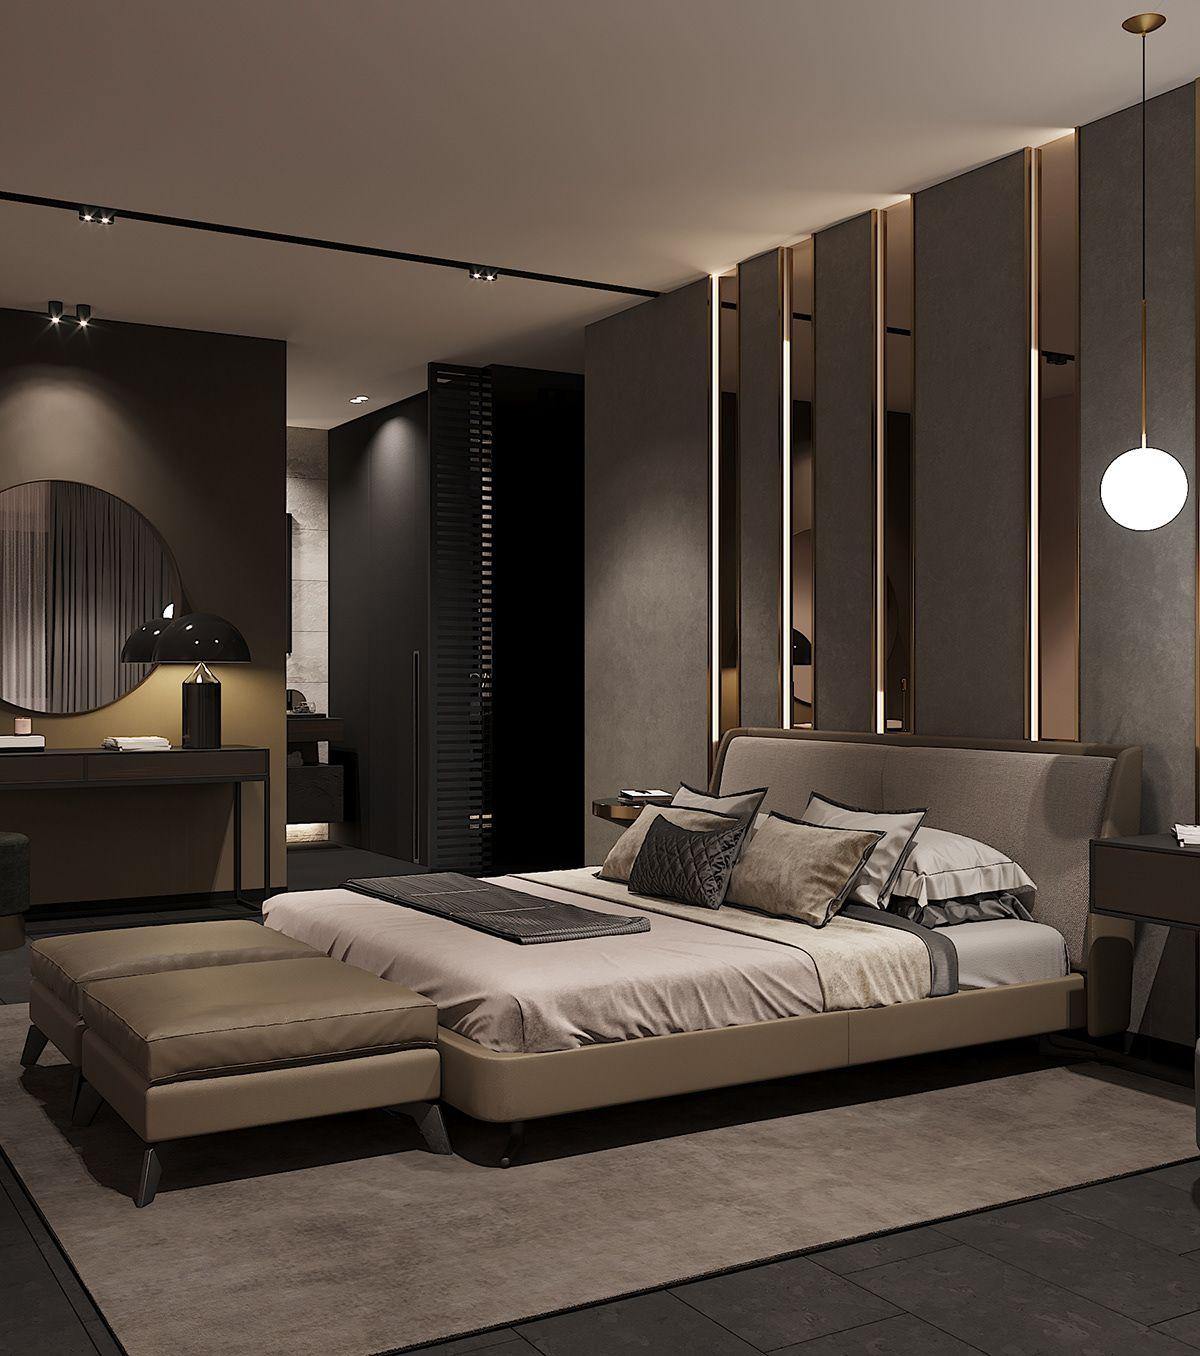 https://www.behance.net/gallery/72805713/Bedroom-in ...